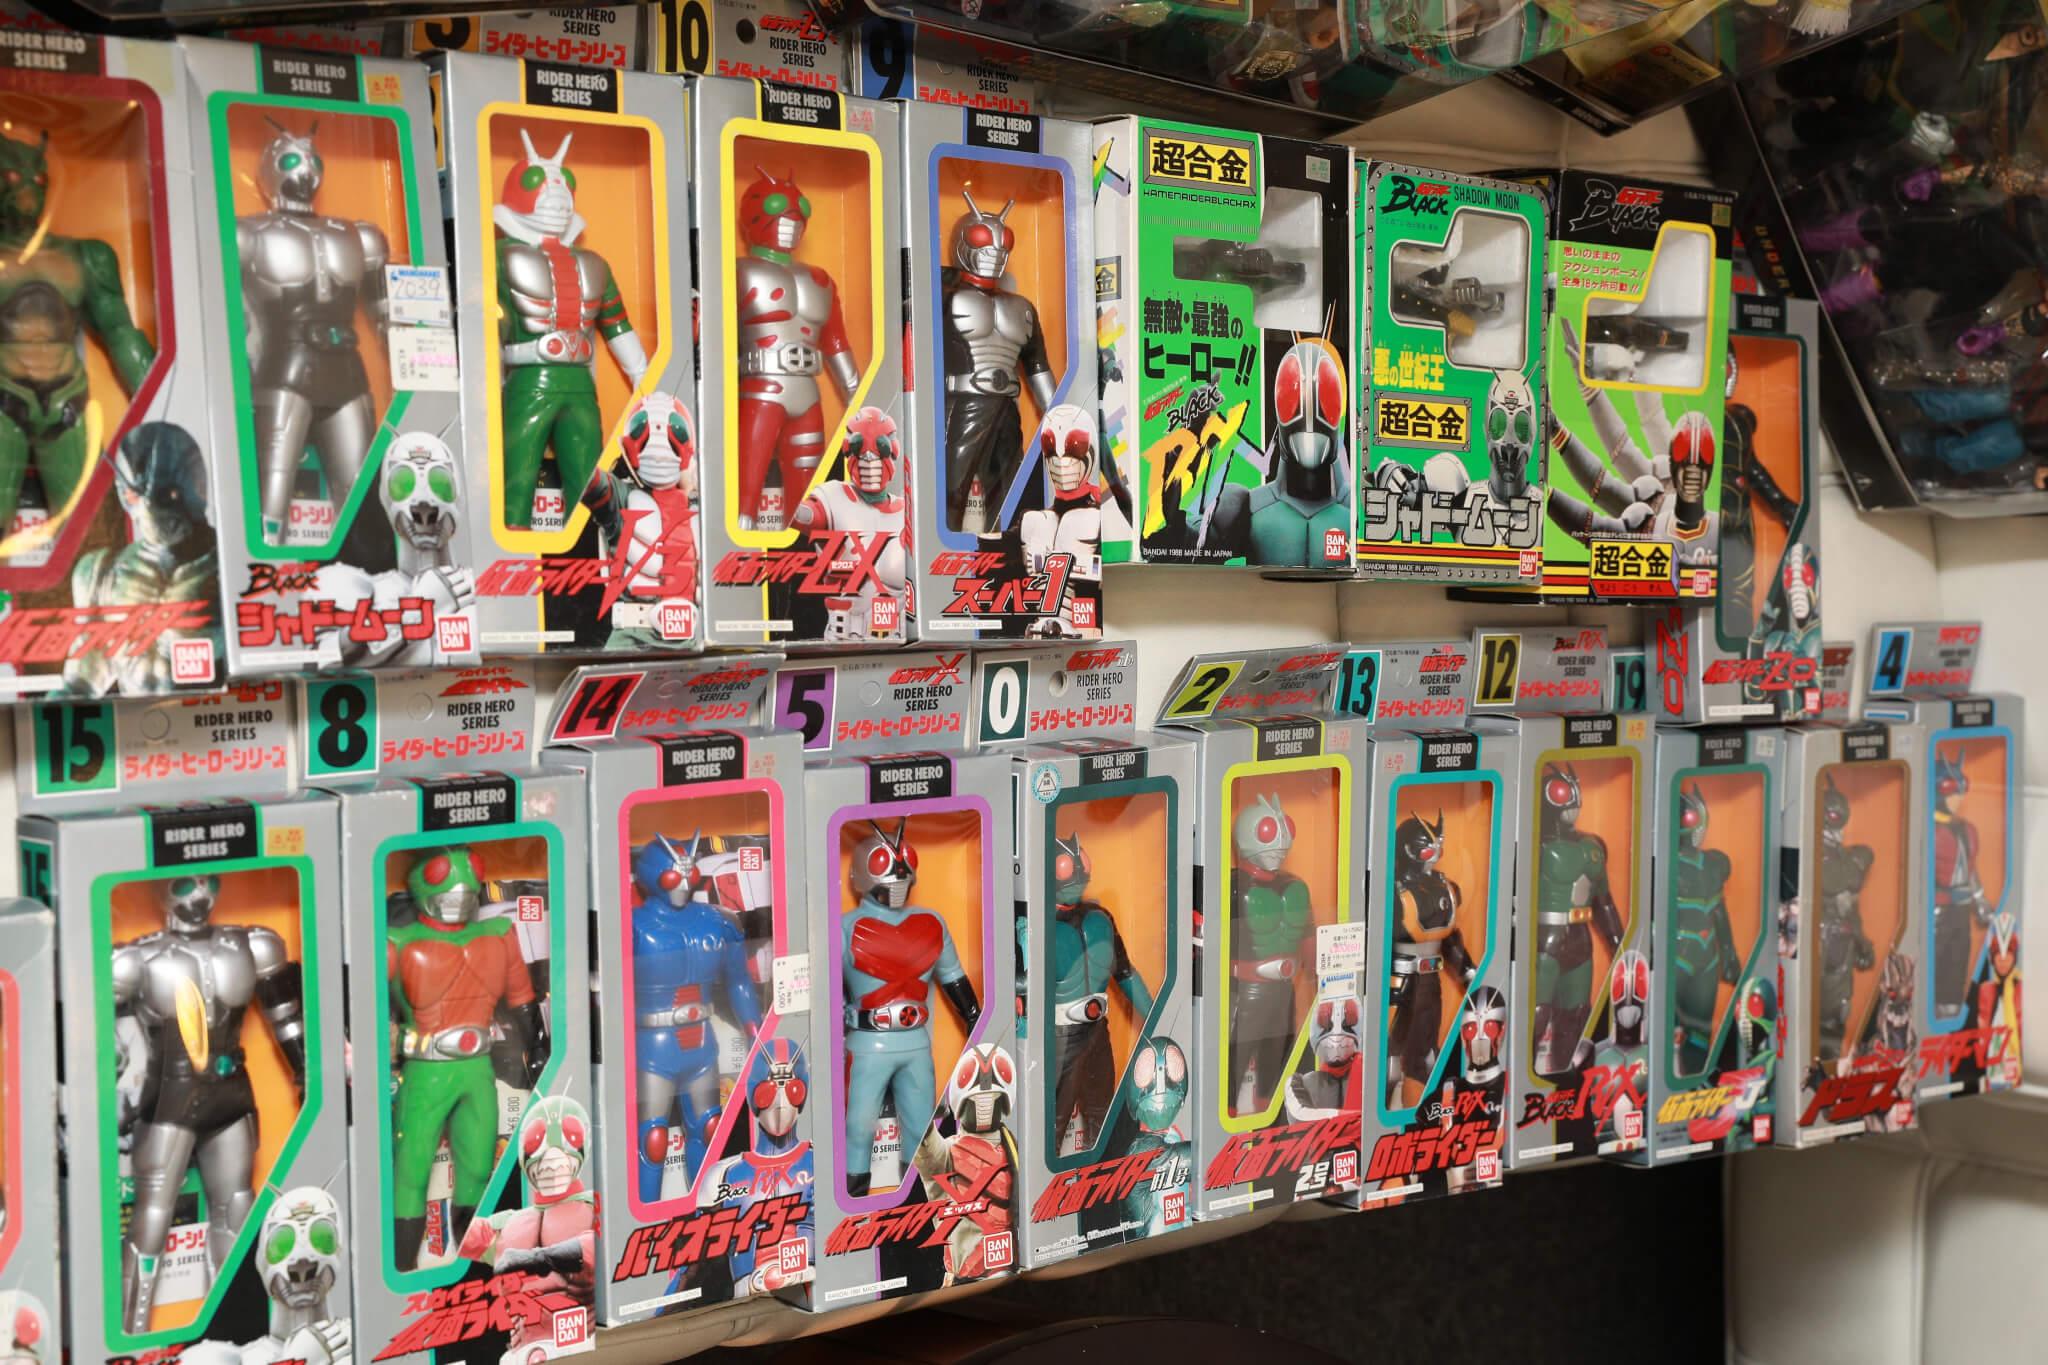 超人系列是他多年來逐件買回來,雖然不是很昂貴,但很有紀念價值。